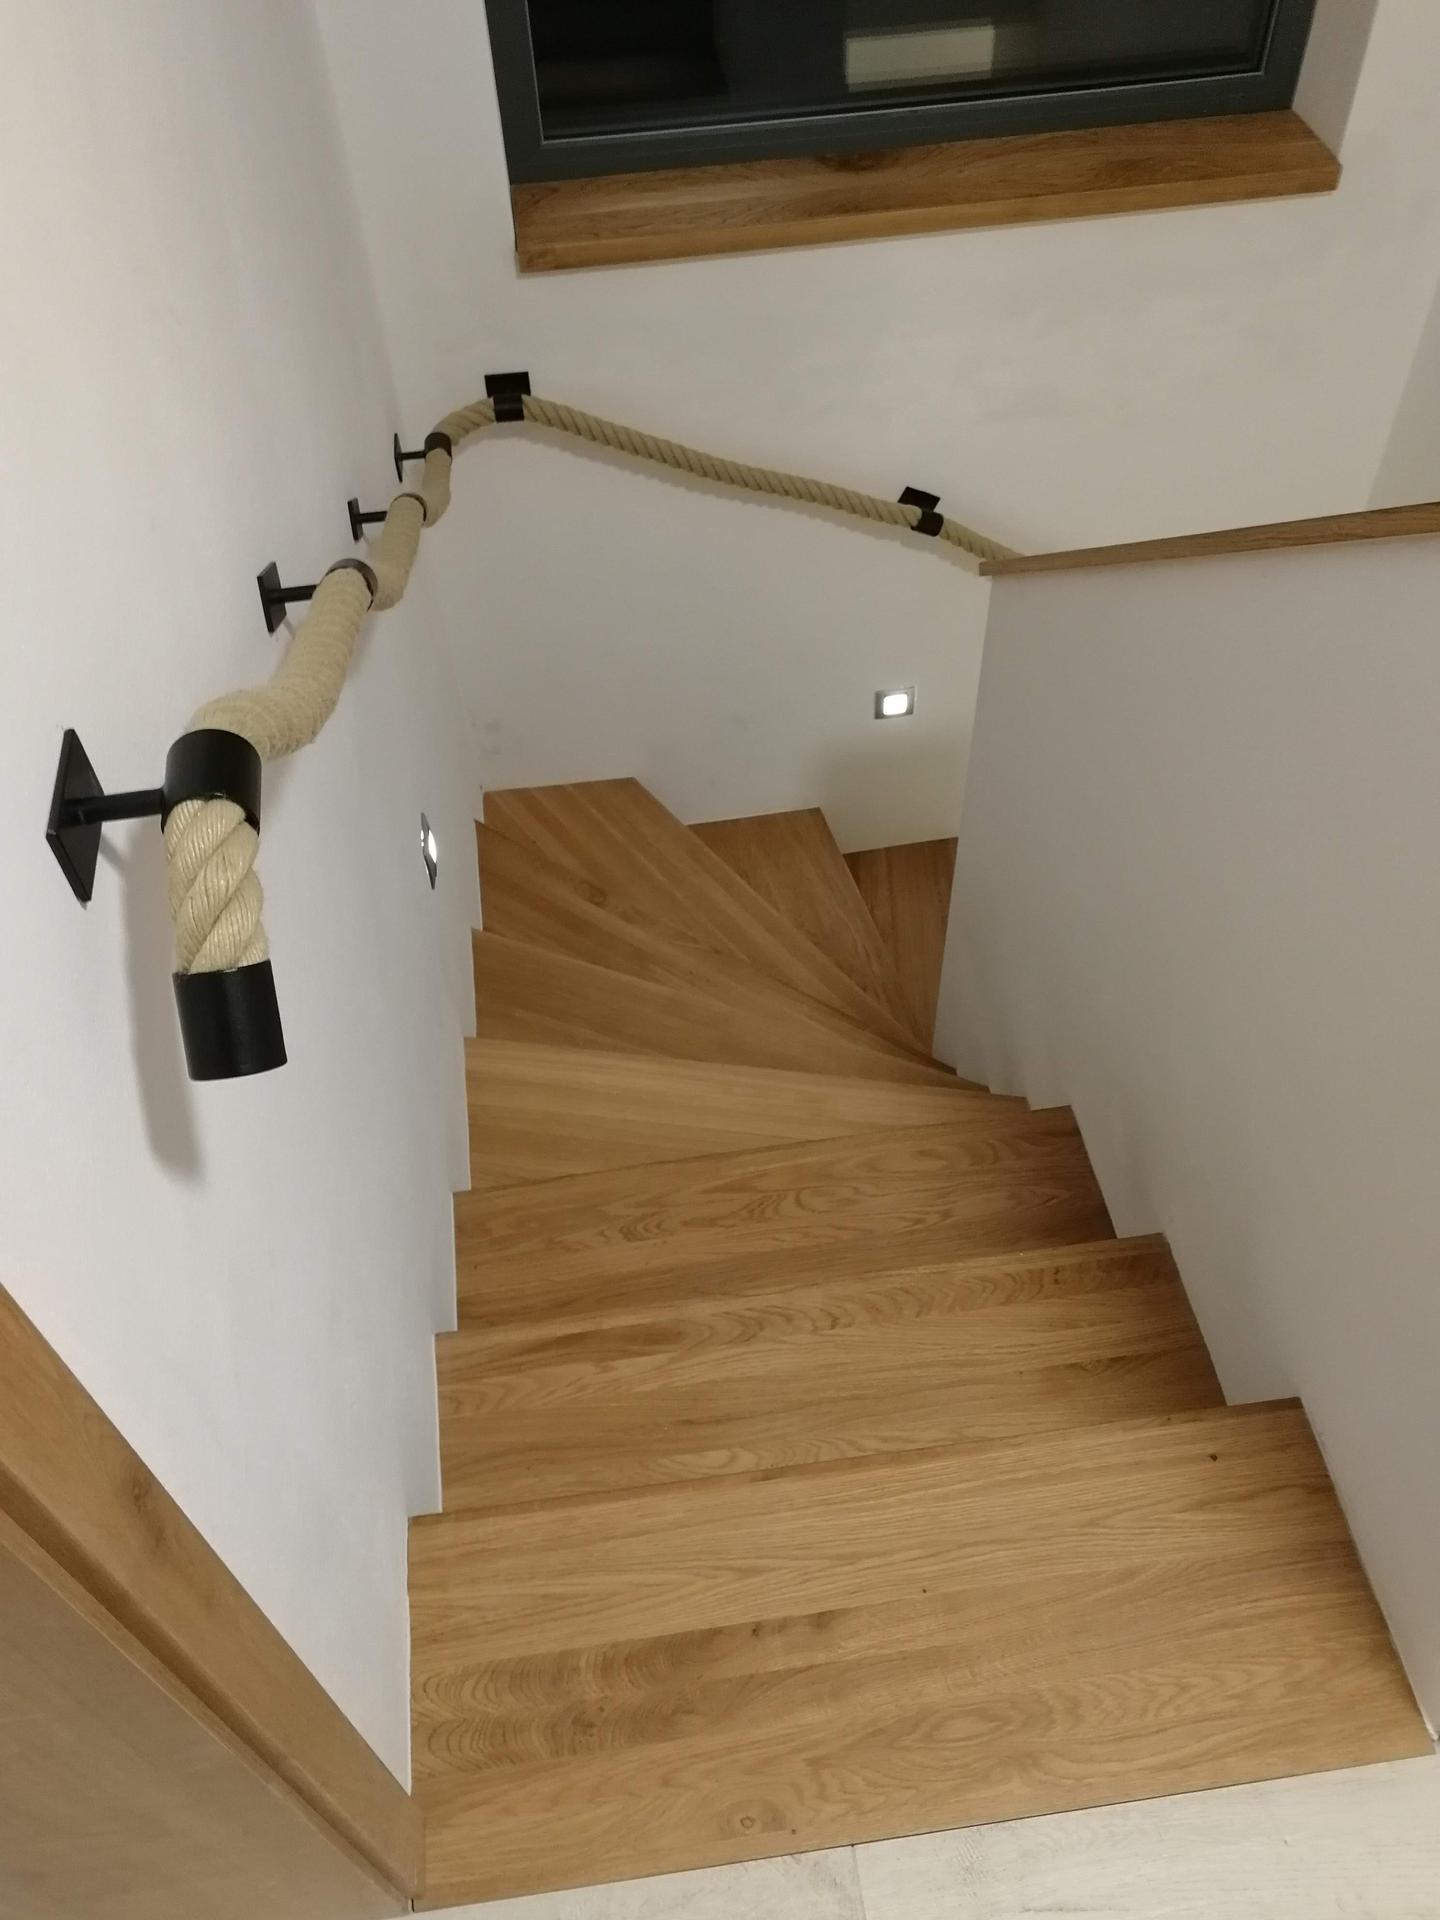 Ahoj všem, je tu někdo, kdo má na schodišti toto zábradlí z lana, viz foto? Prosím, jaké lano jste kupovali, aby bylo příjemné na dotek, popřípadě odkud. Děkuji za info :) - Obrázek č. 1